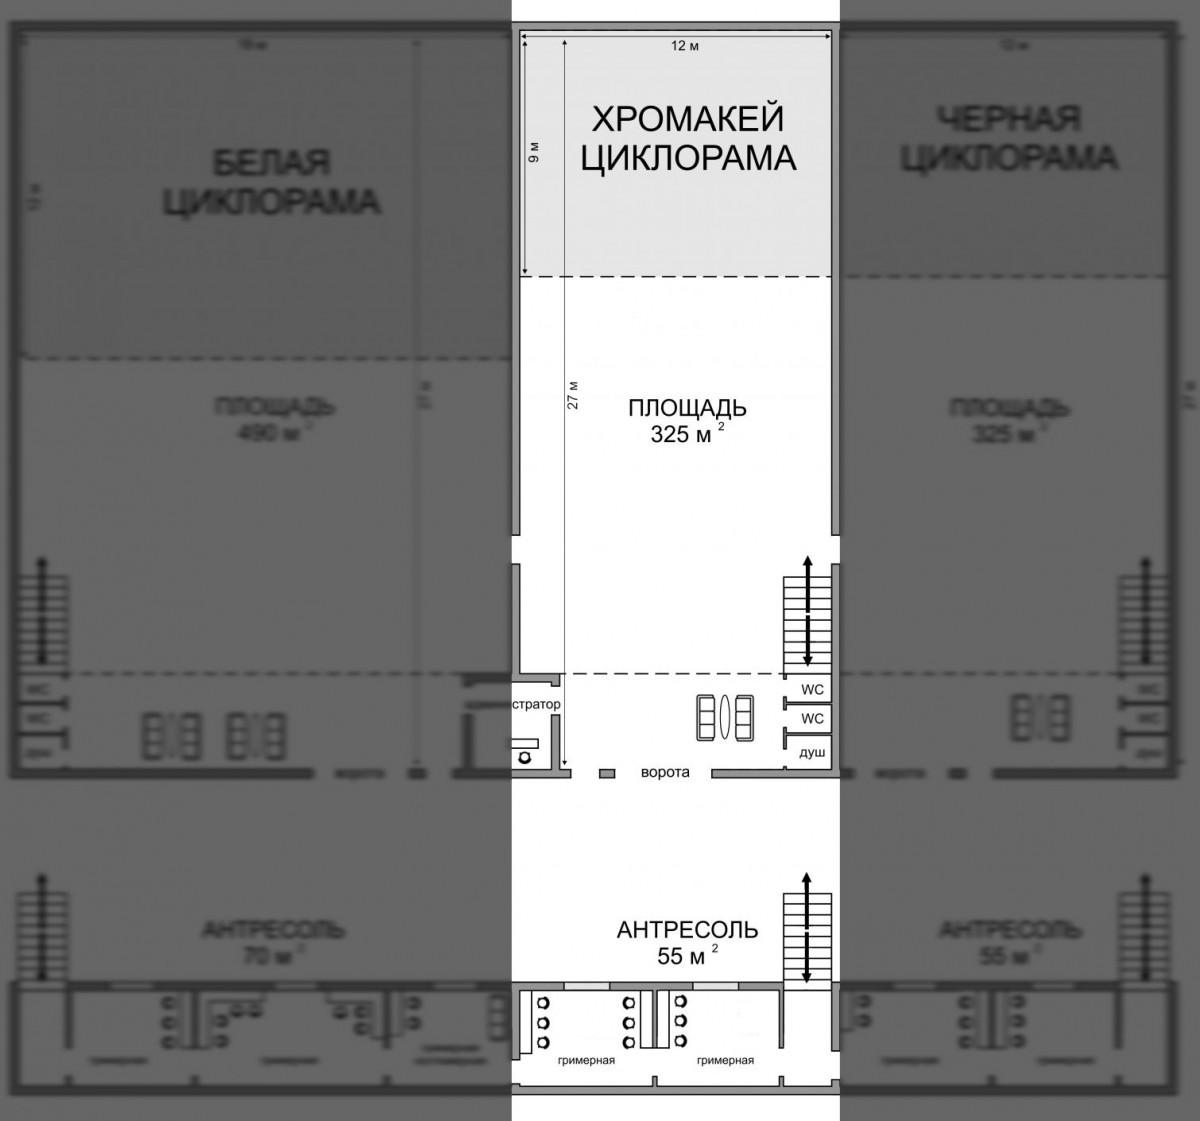 Съемочный павильон №9 (380 м<sup>2</sup>)<br>(Зал с хромакей трехсторонней циклорамой)